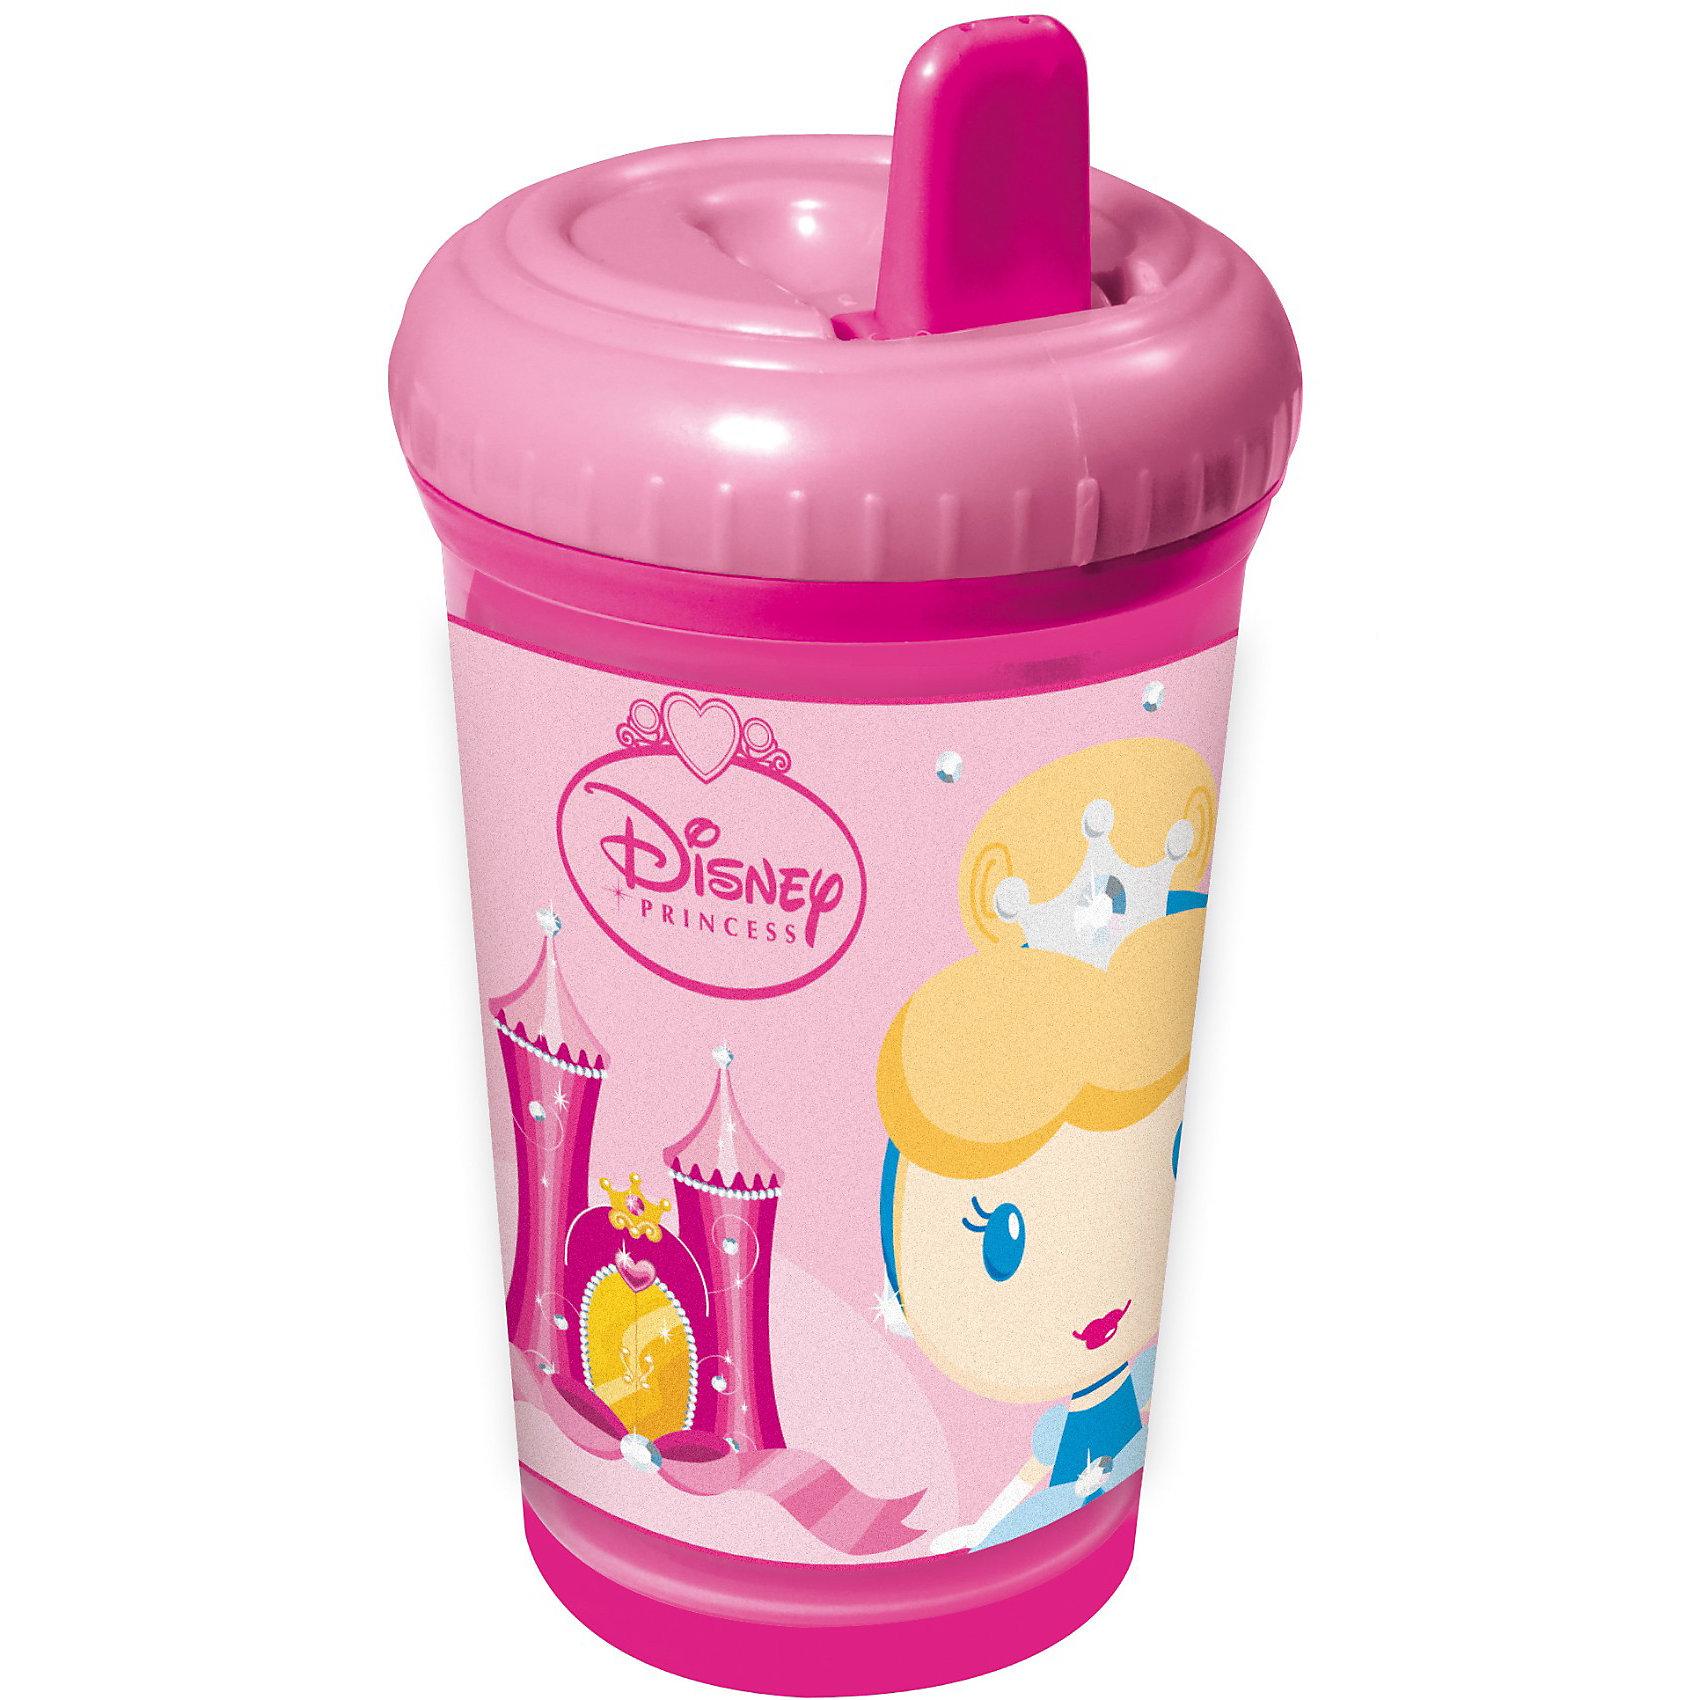 Disney Princess Кружка-непроливайка. Принцессы